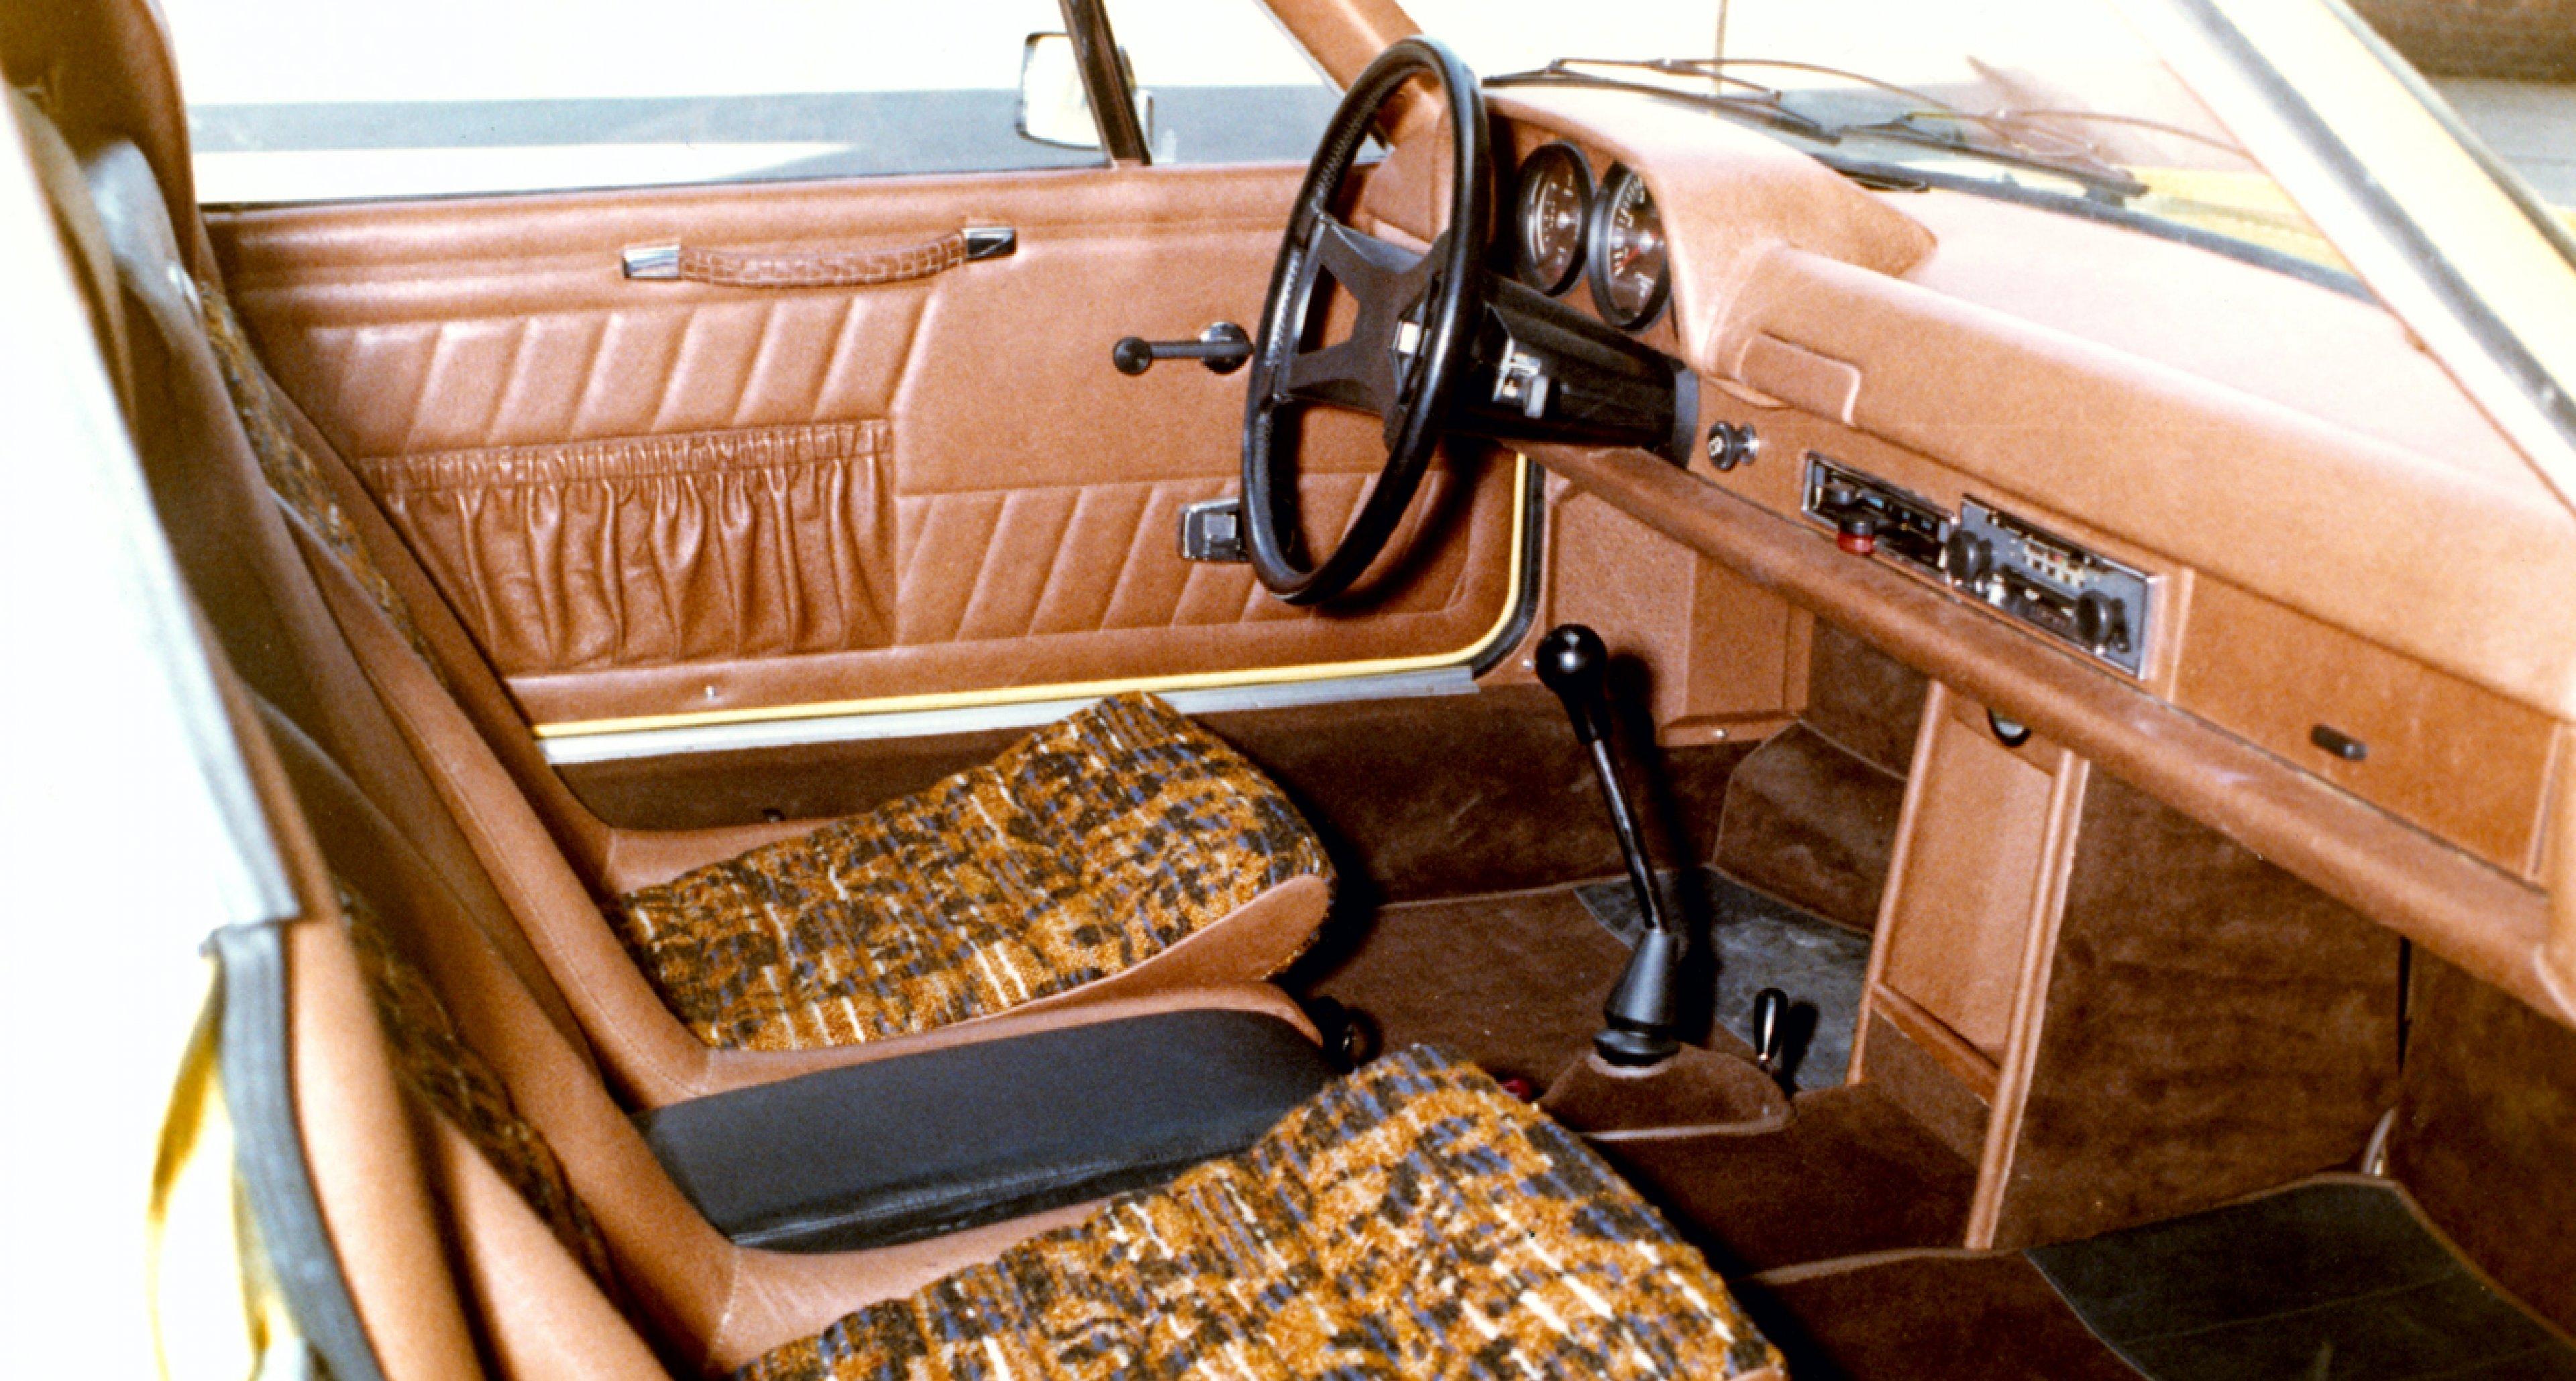 The interior of a 1970 Porsche 916.